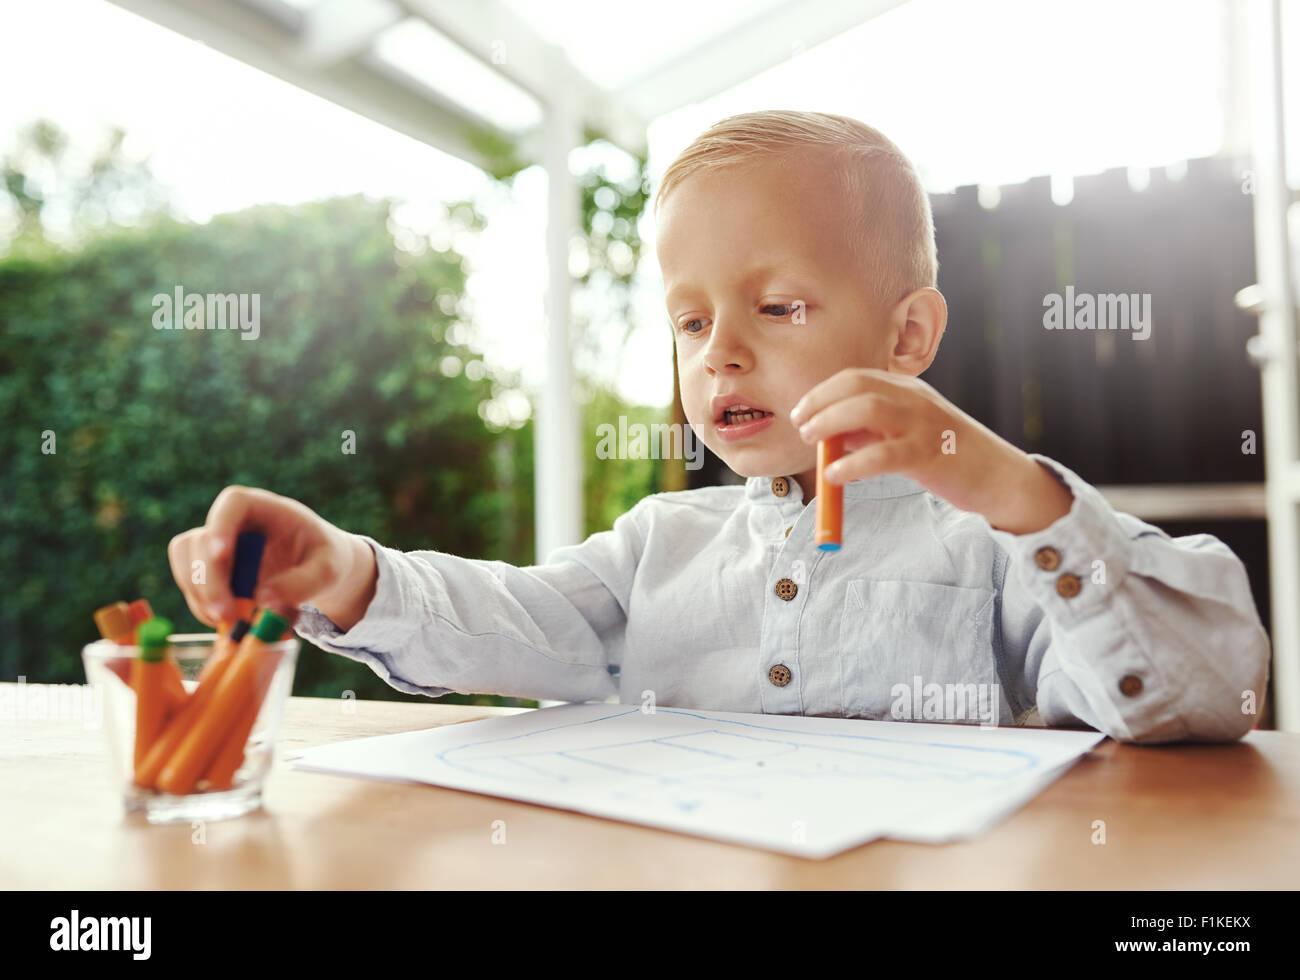 Süße kleine blonde Junge Auswahl eines farbigen Wax crayon aus einer Sammlung in einem Glasbehälter, Stockbild